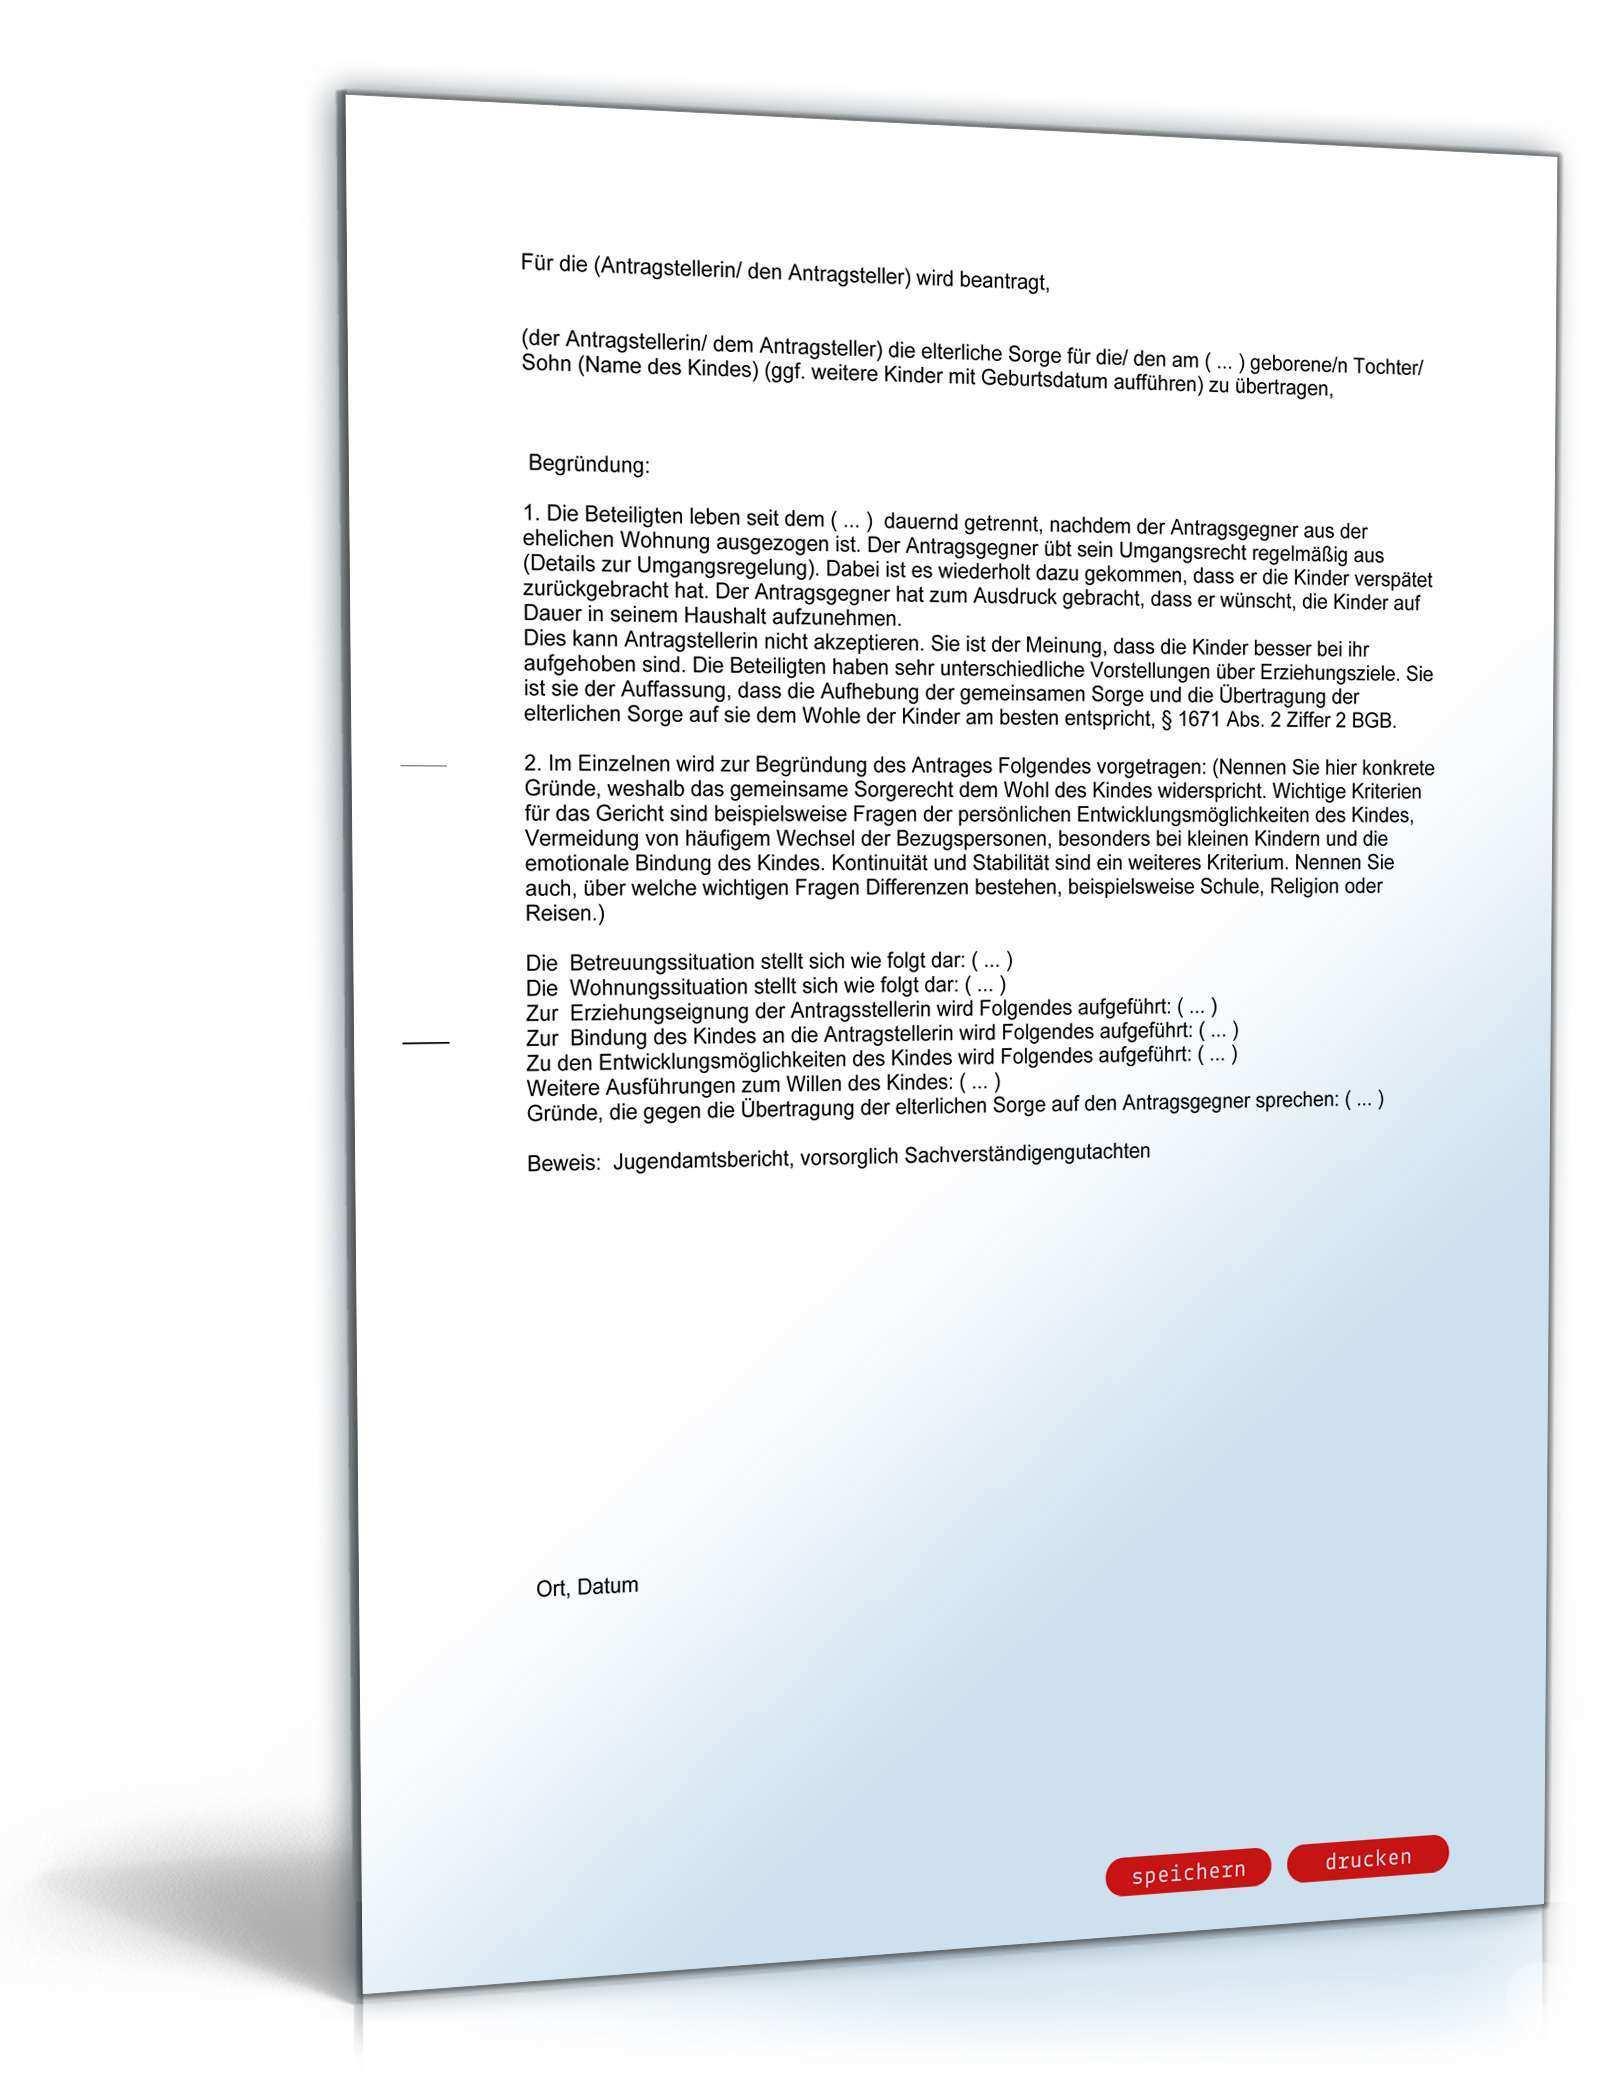 Antrag Auf Alleiniges Sorgerecht Gegen Den Willen Des Antragsgegners Muster Vorlage Zum Download